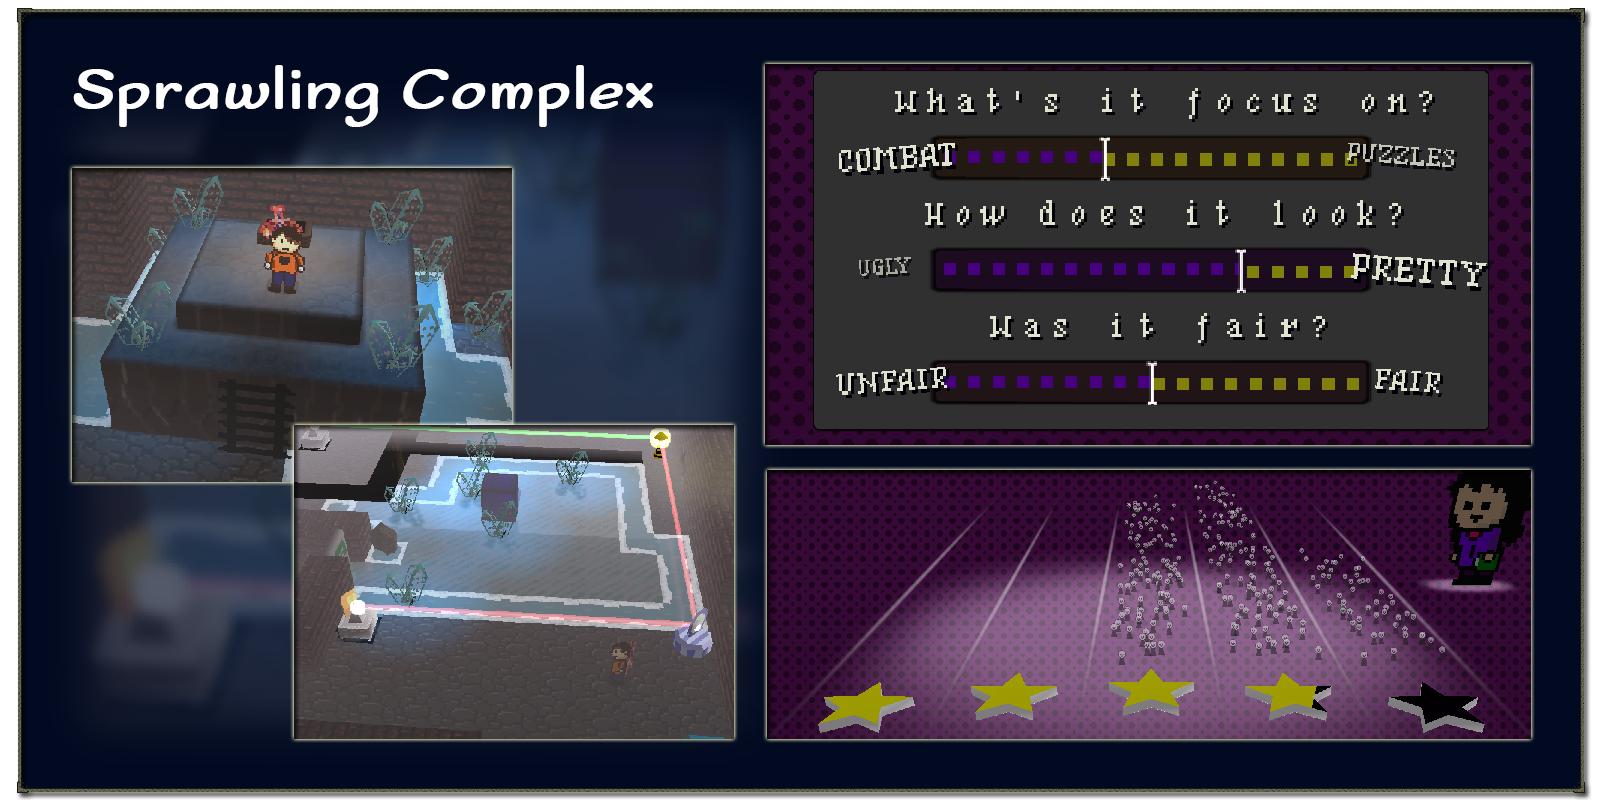 Sprawling Complex